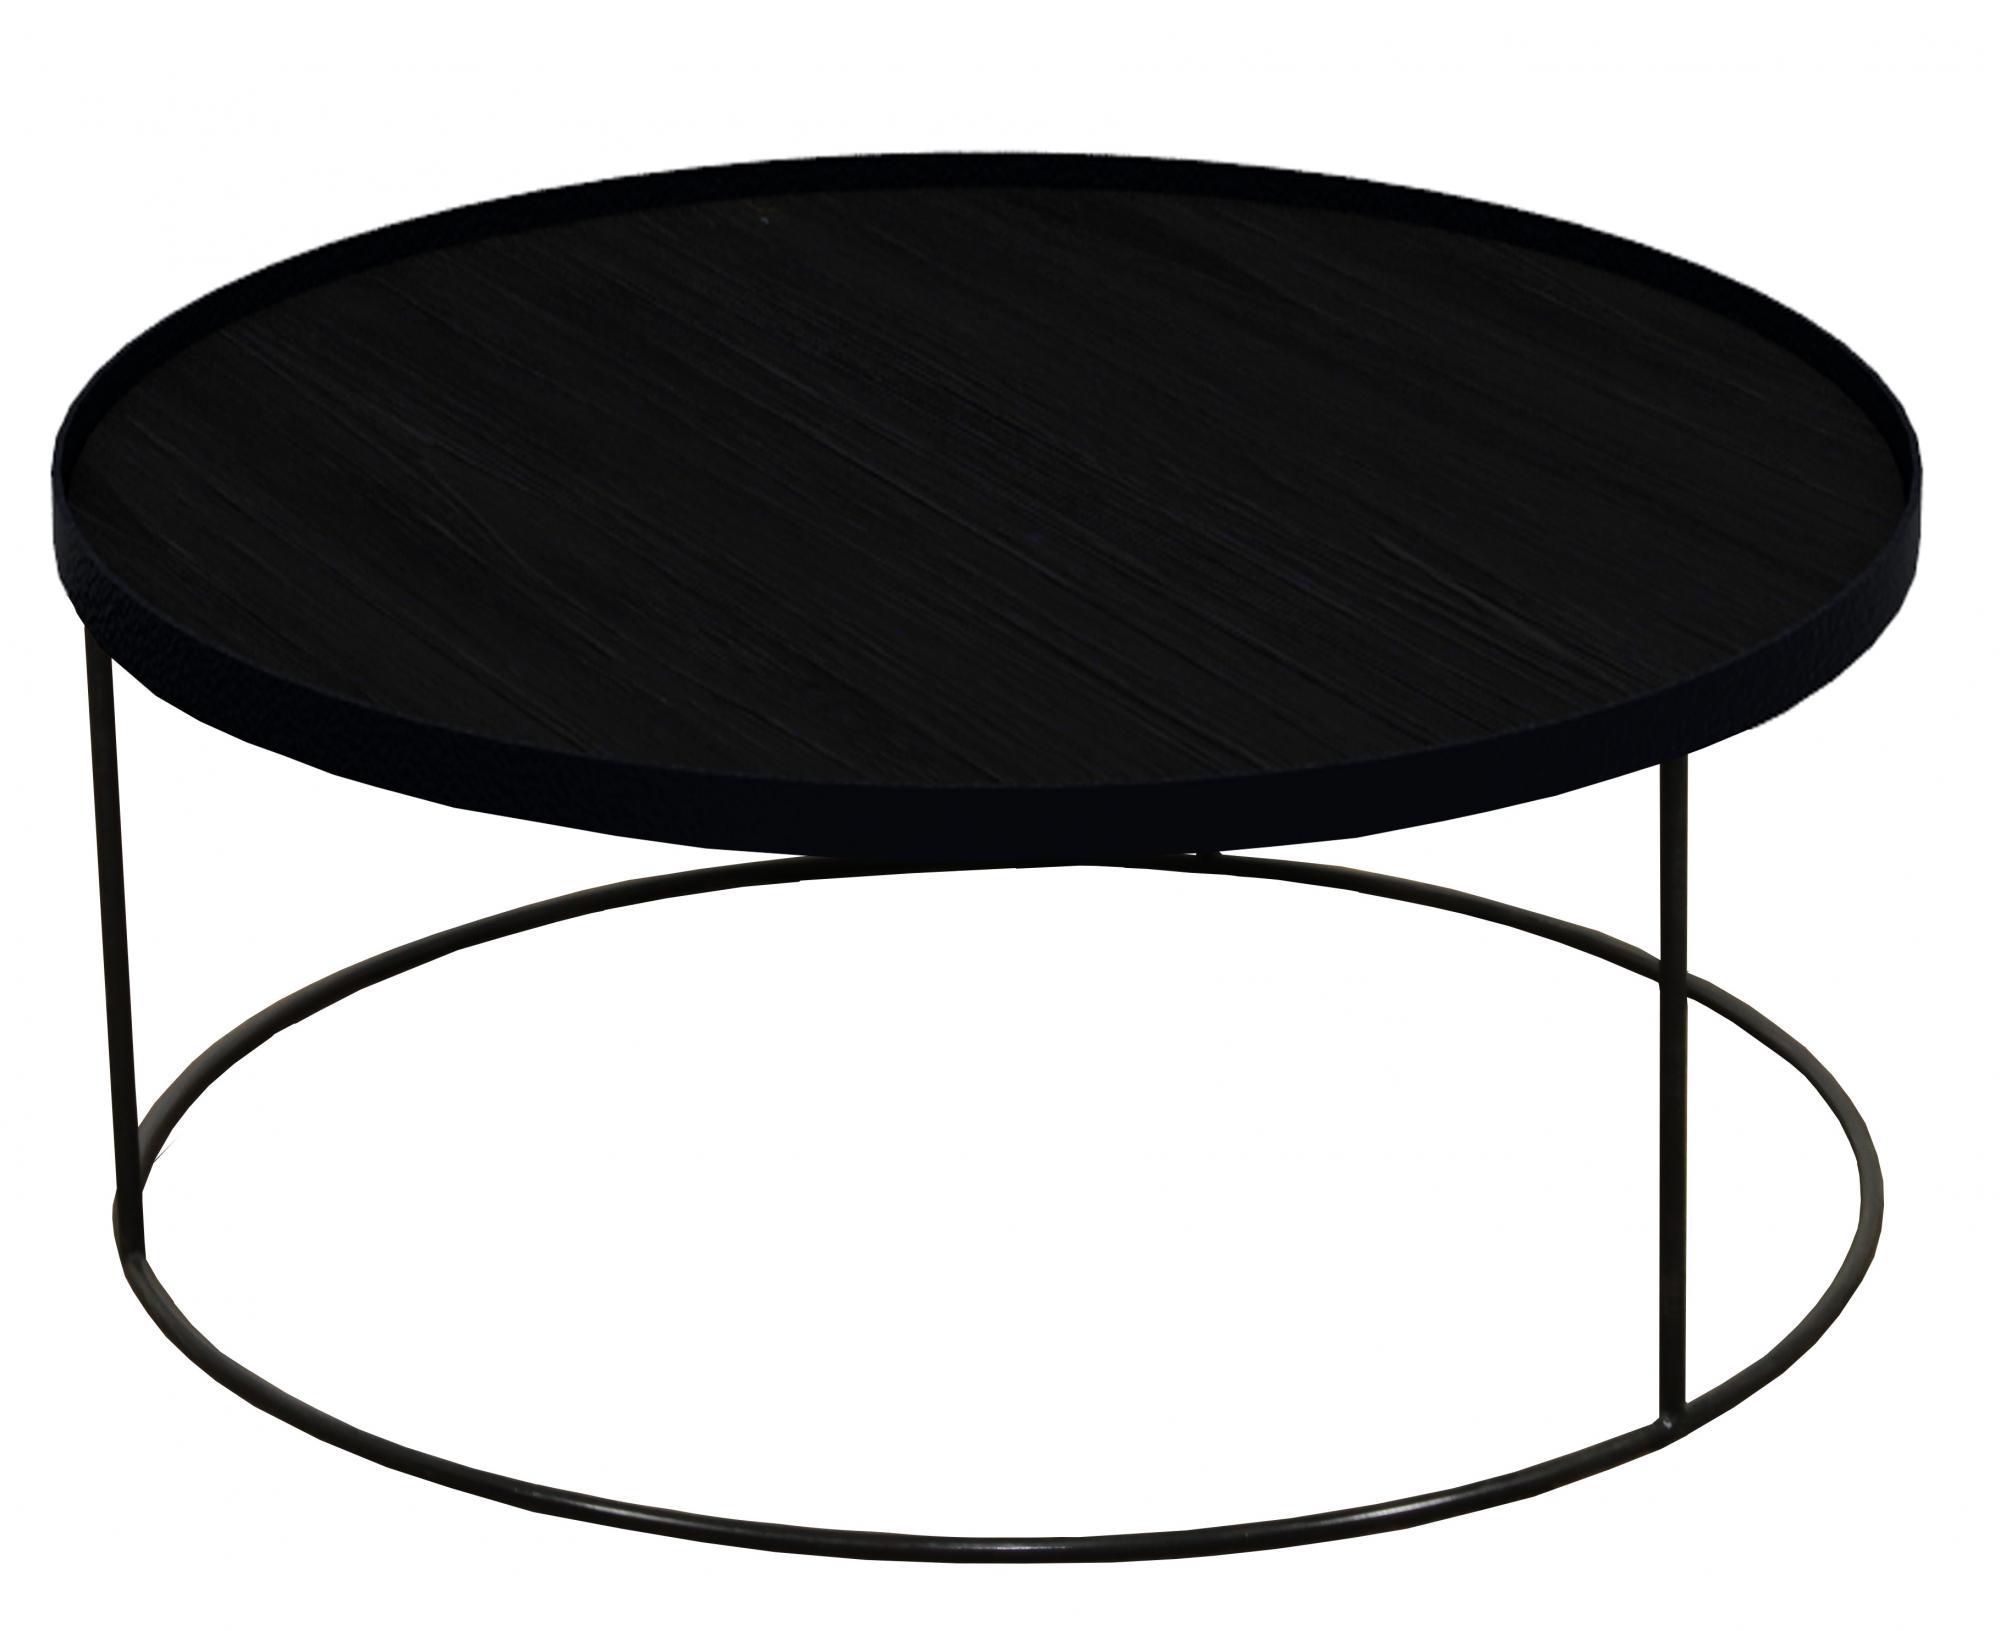 Notre Monde Tablett Tisch Tablett Tisch Niedrig Rund Xl